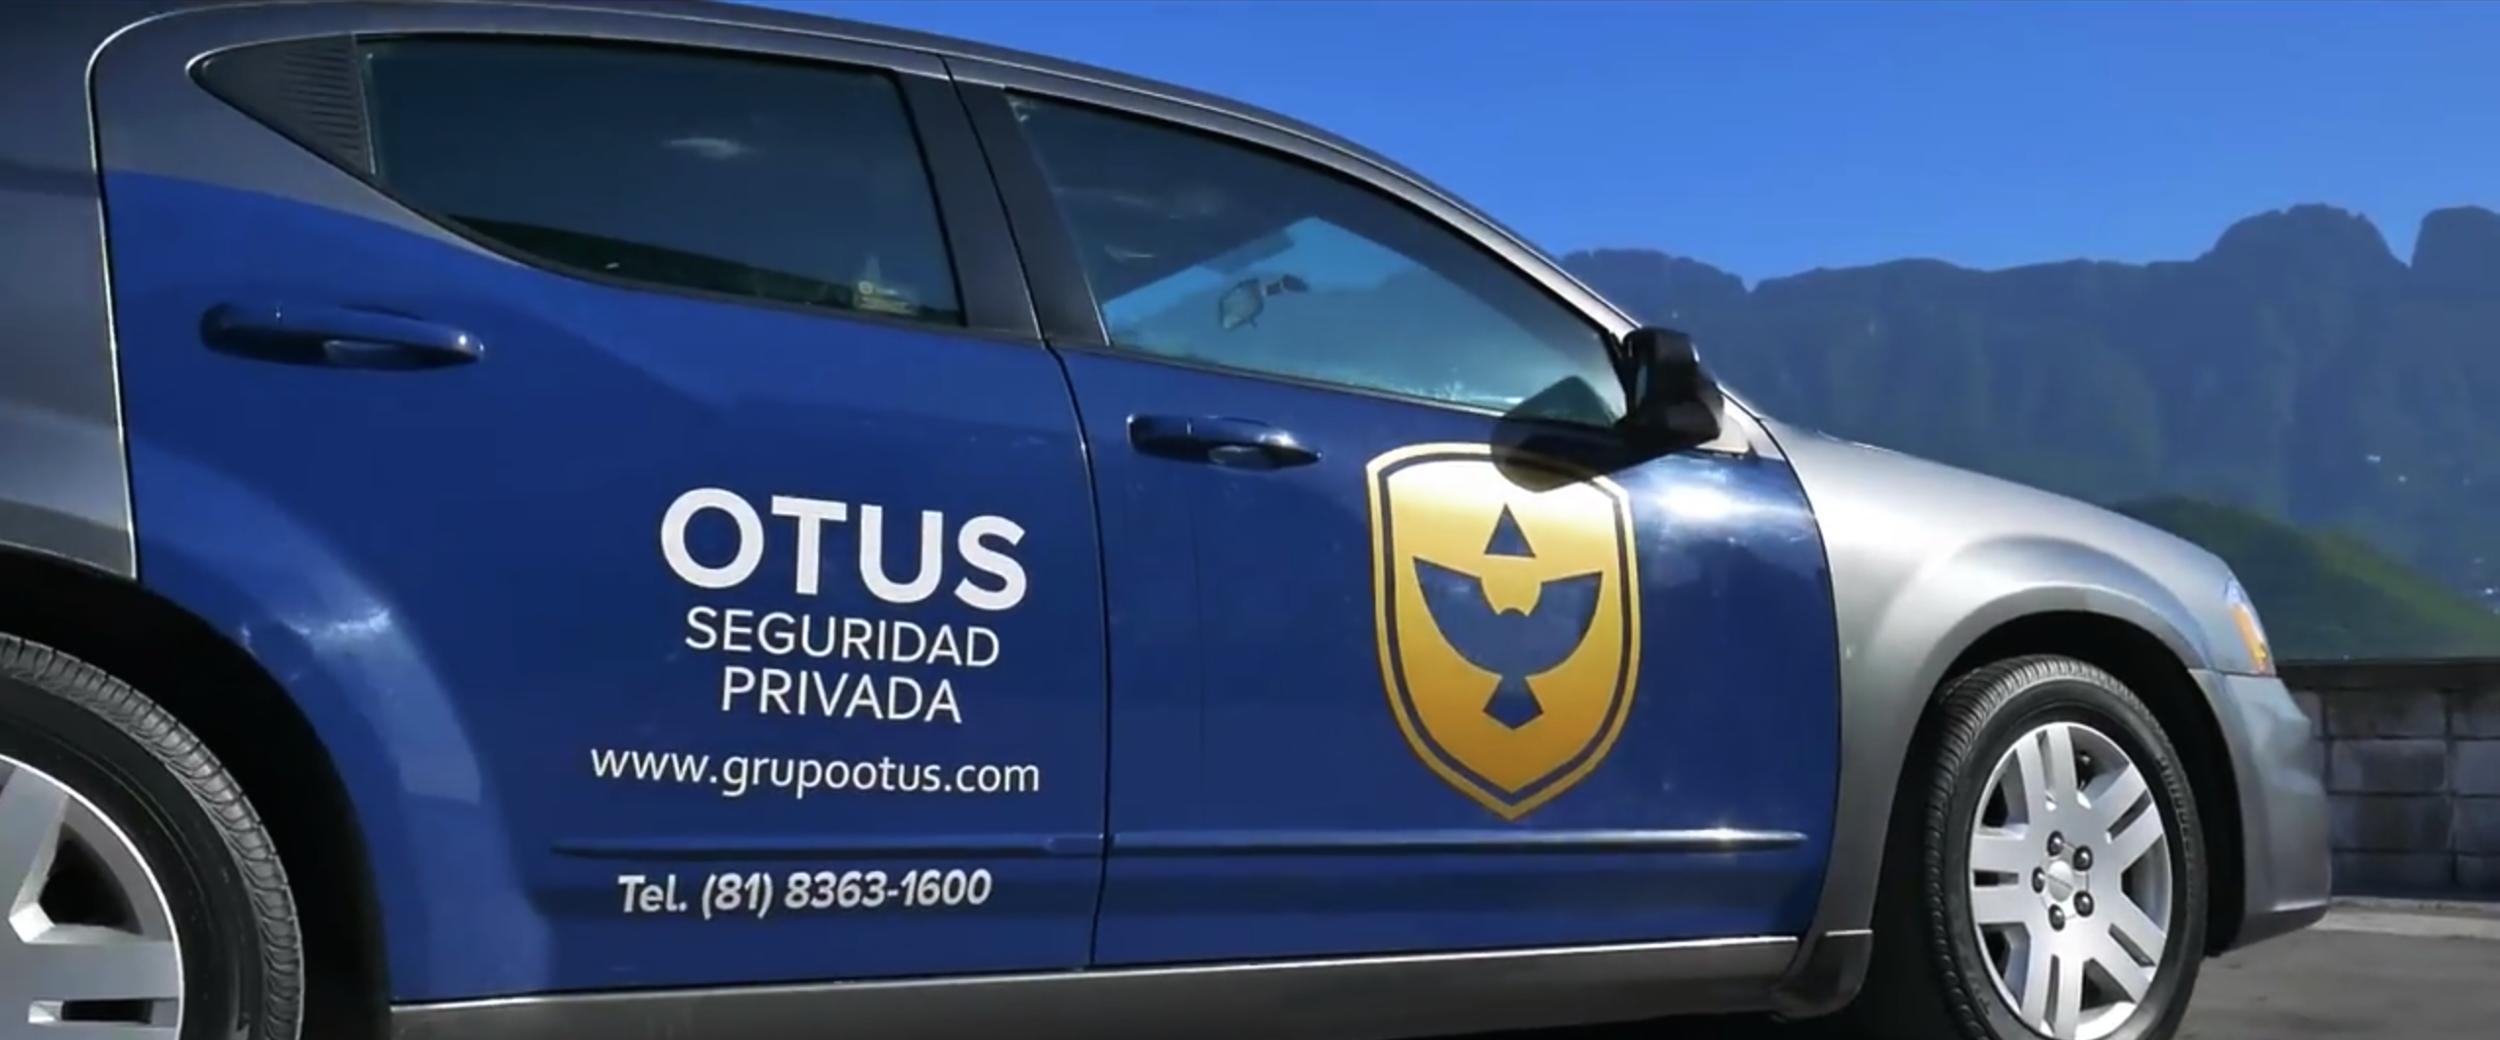 guardias y proteccion privada CARROS seguridad